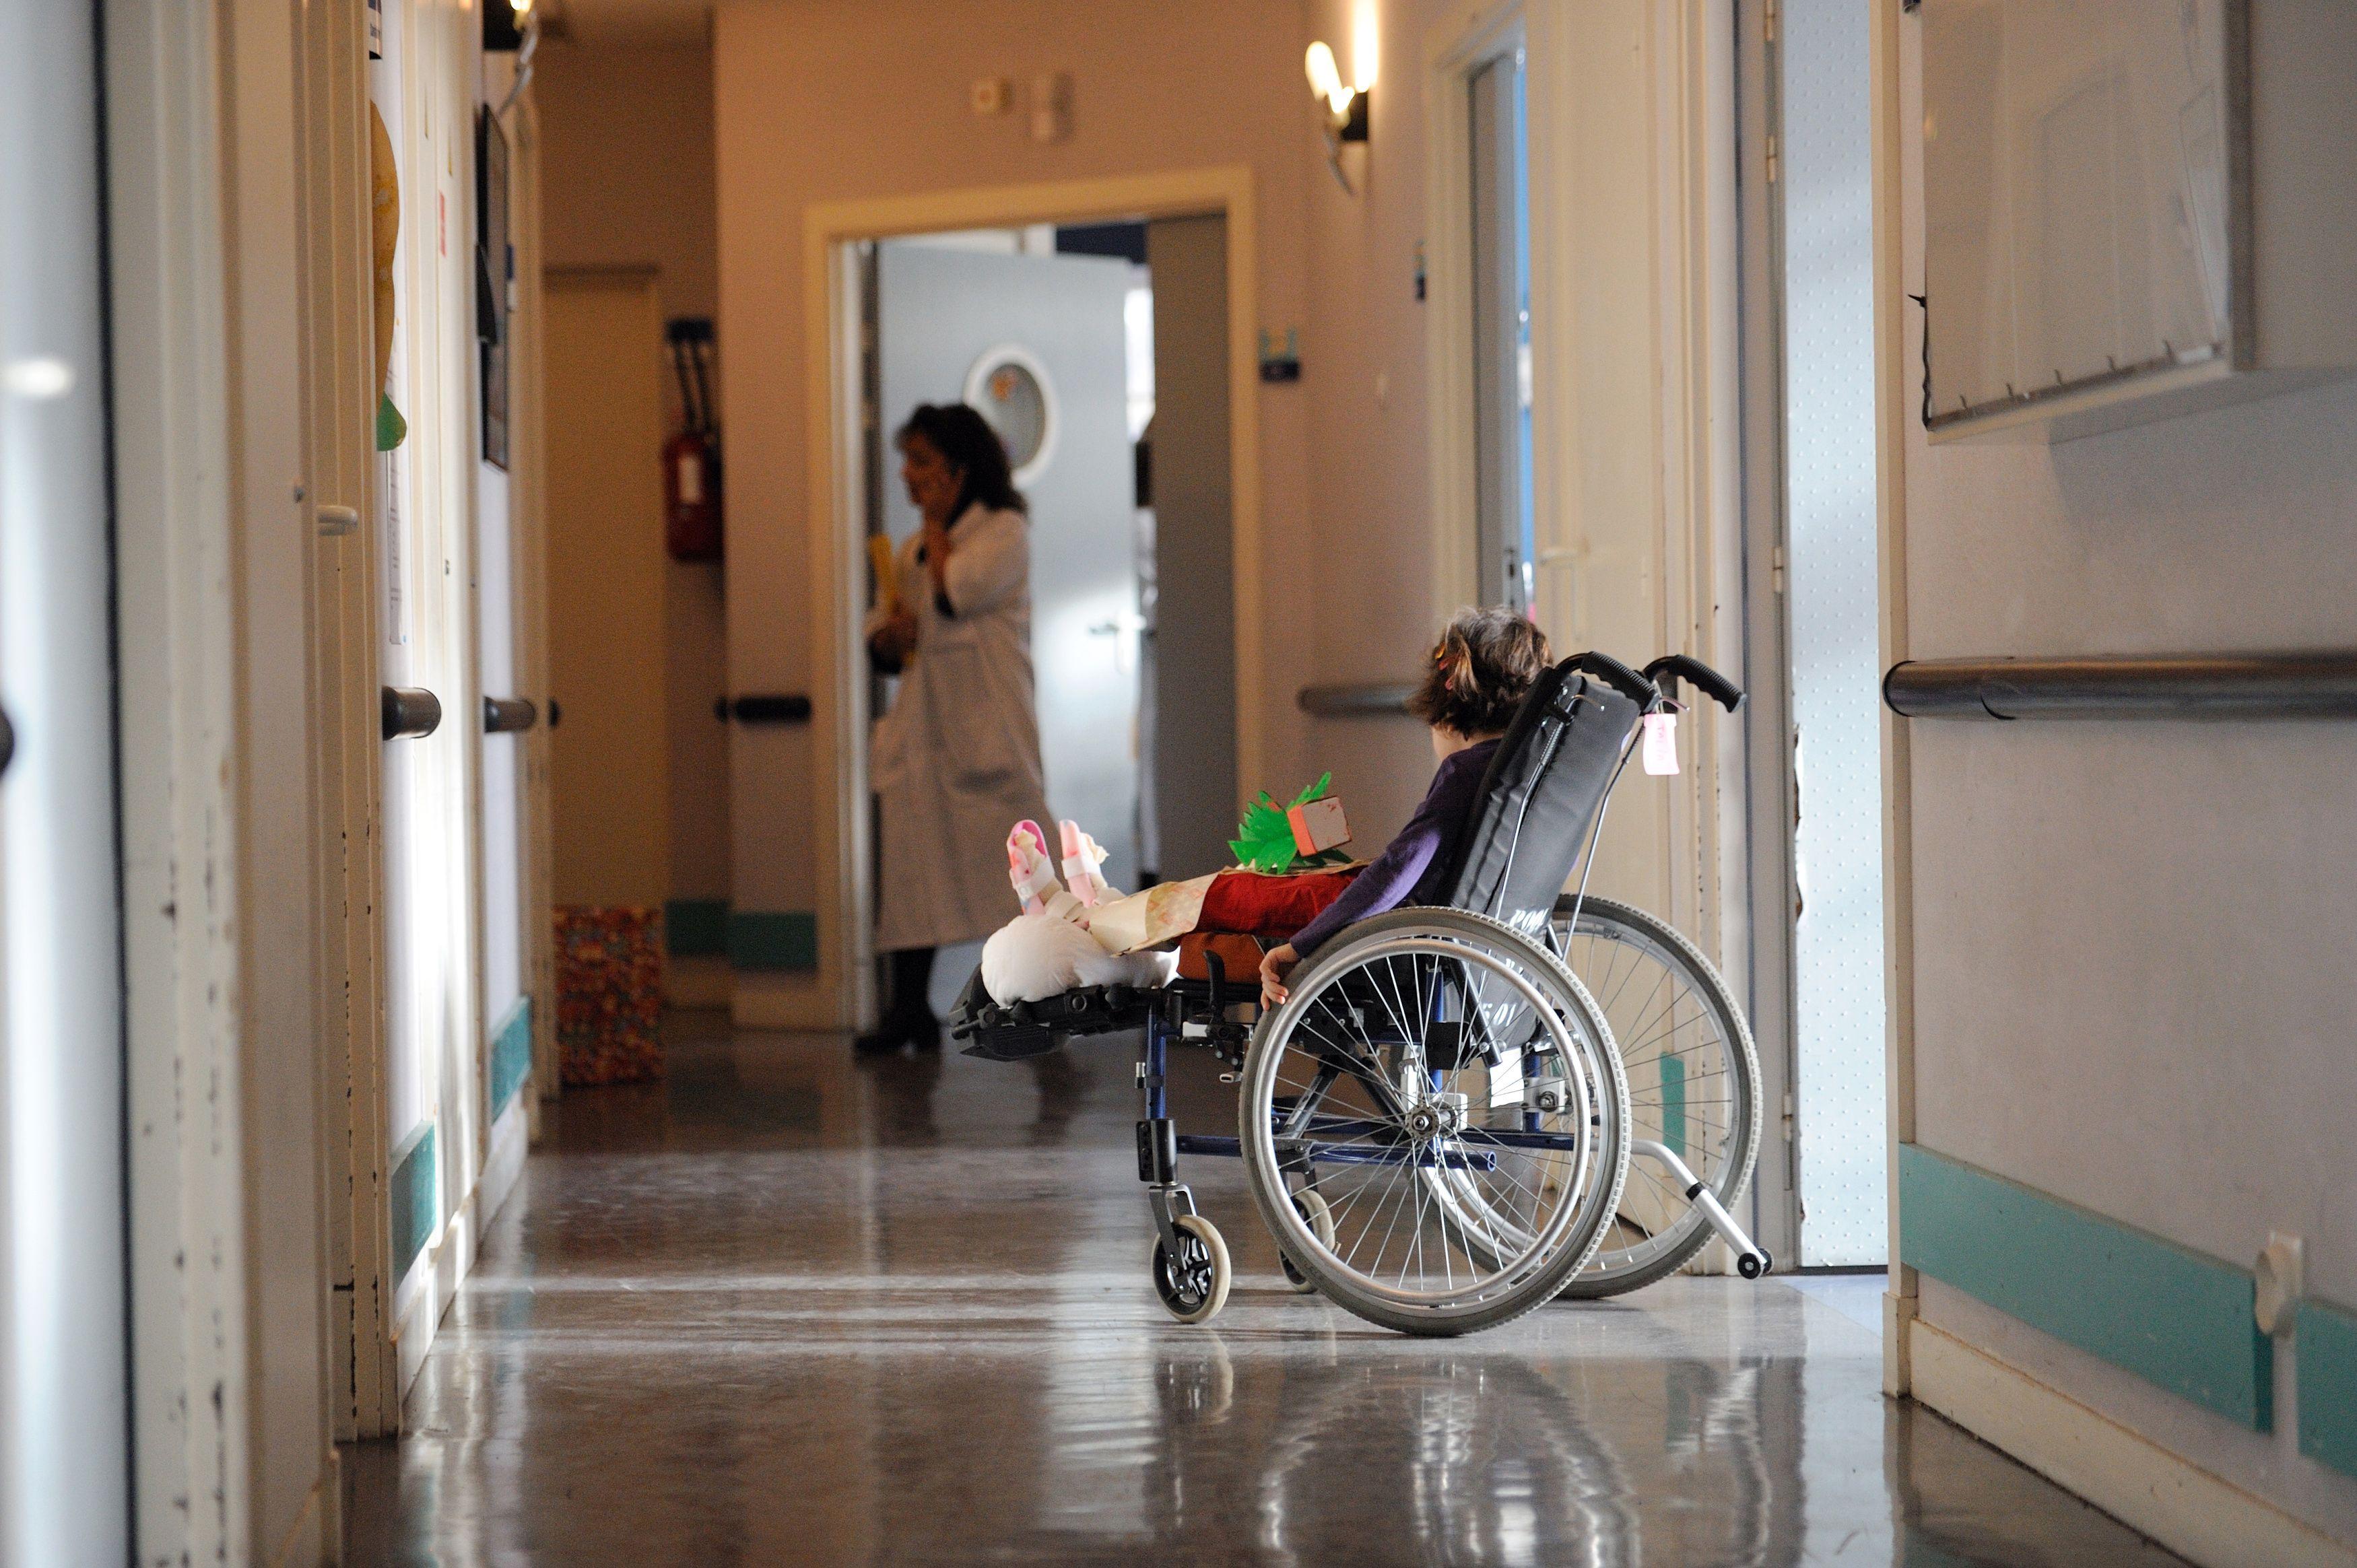 En France, la santé est prise en charge par l'Etat... et cela coûte moins cher qu'aux Etats-Unis